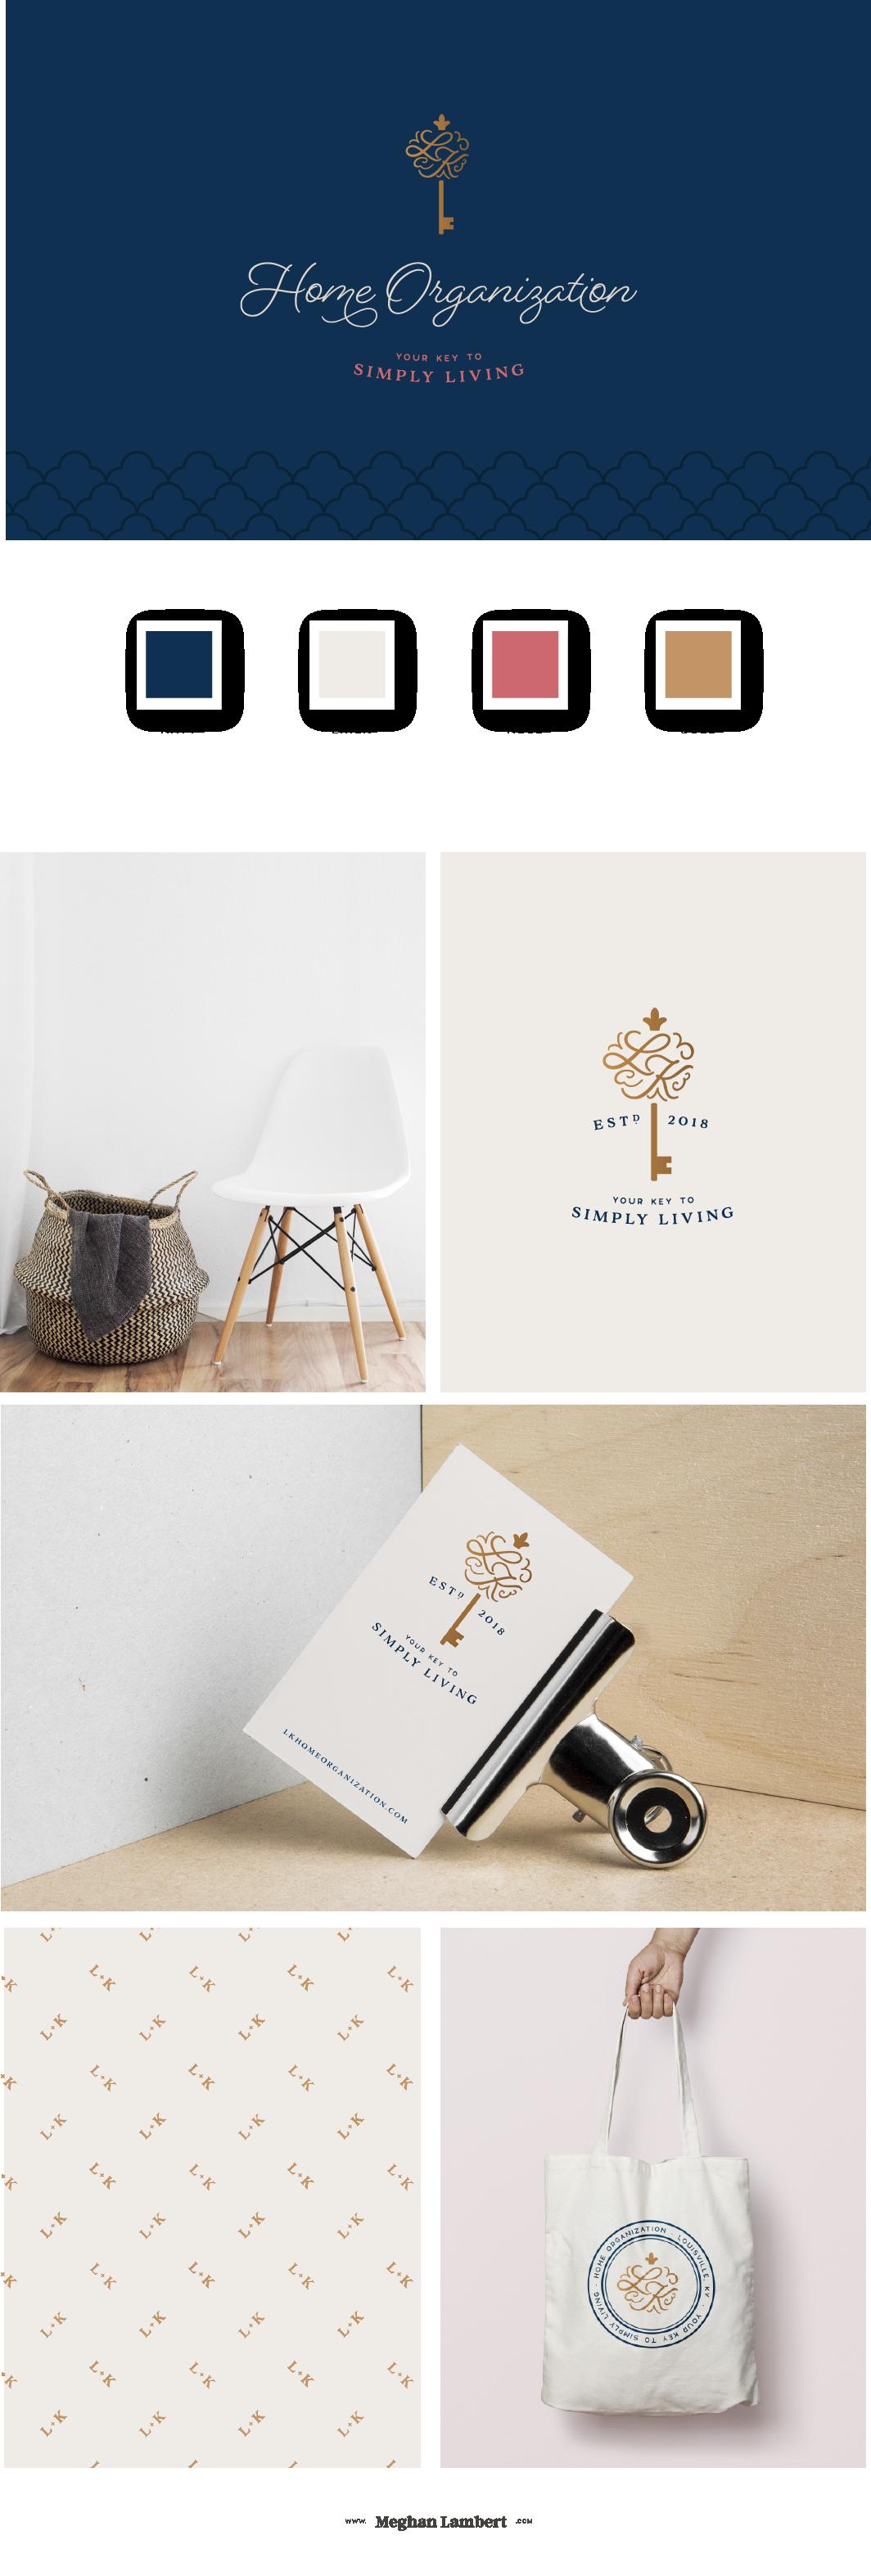 L+K Home Organization Brand by Meghan Lambert